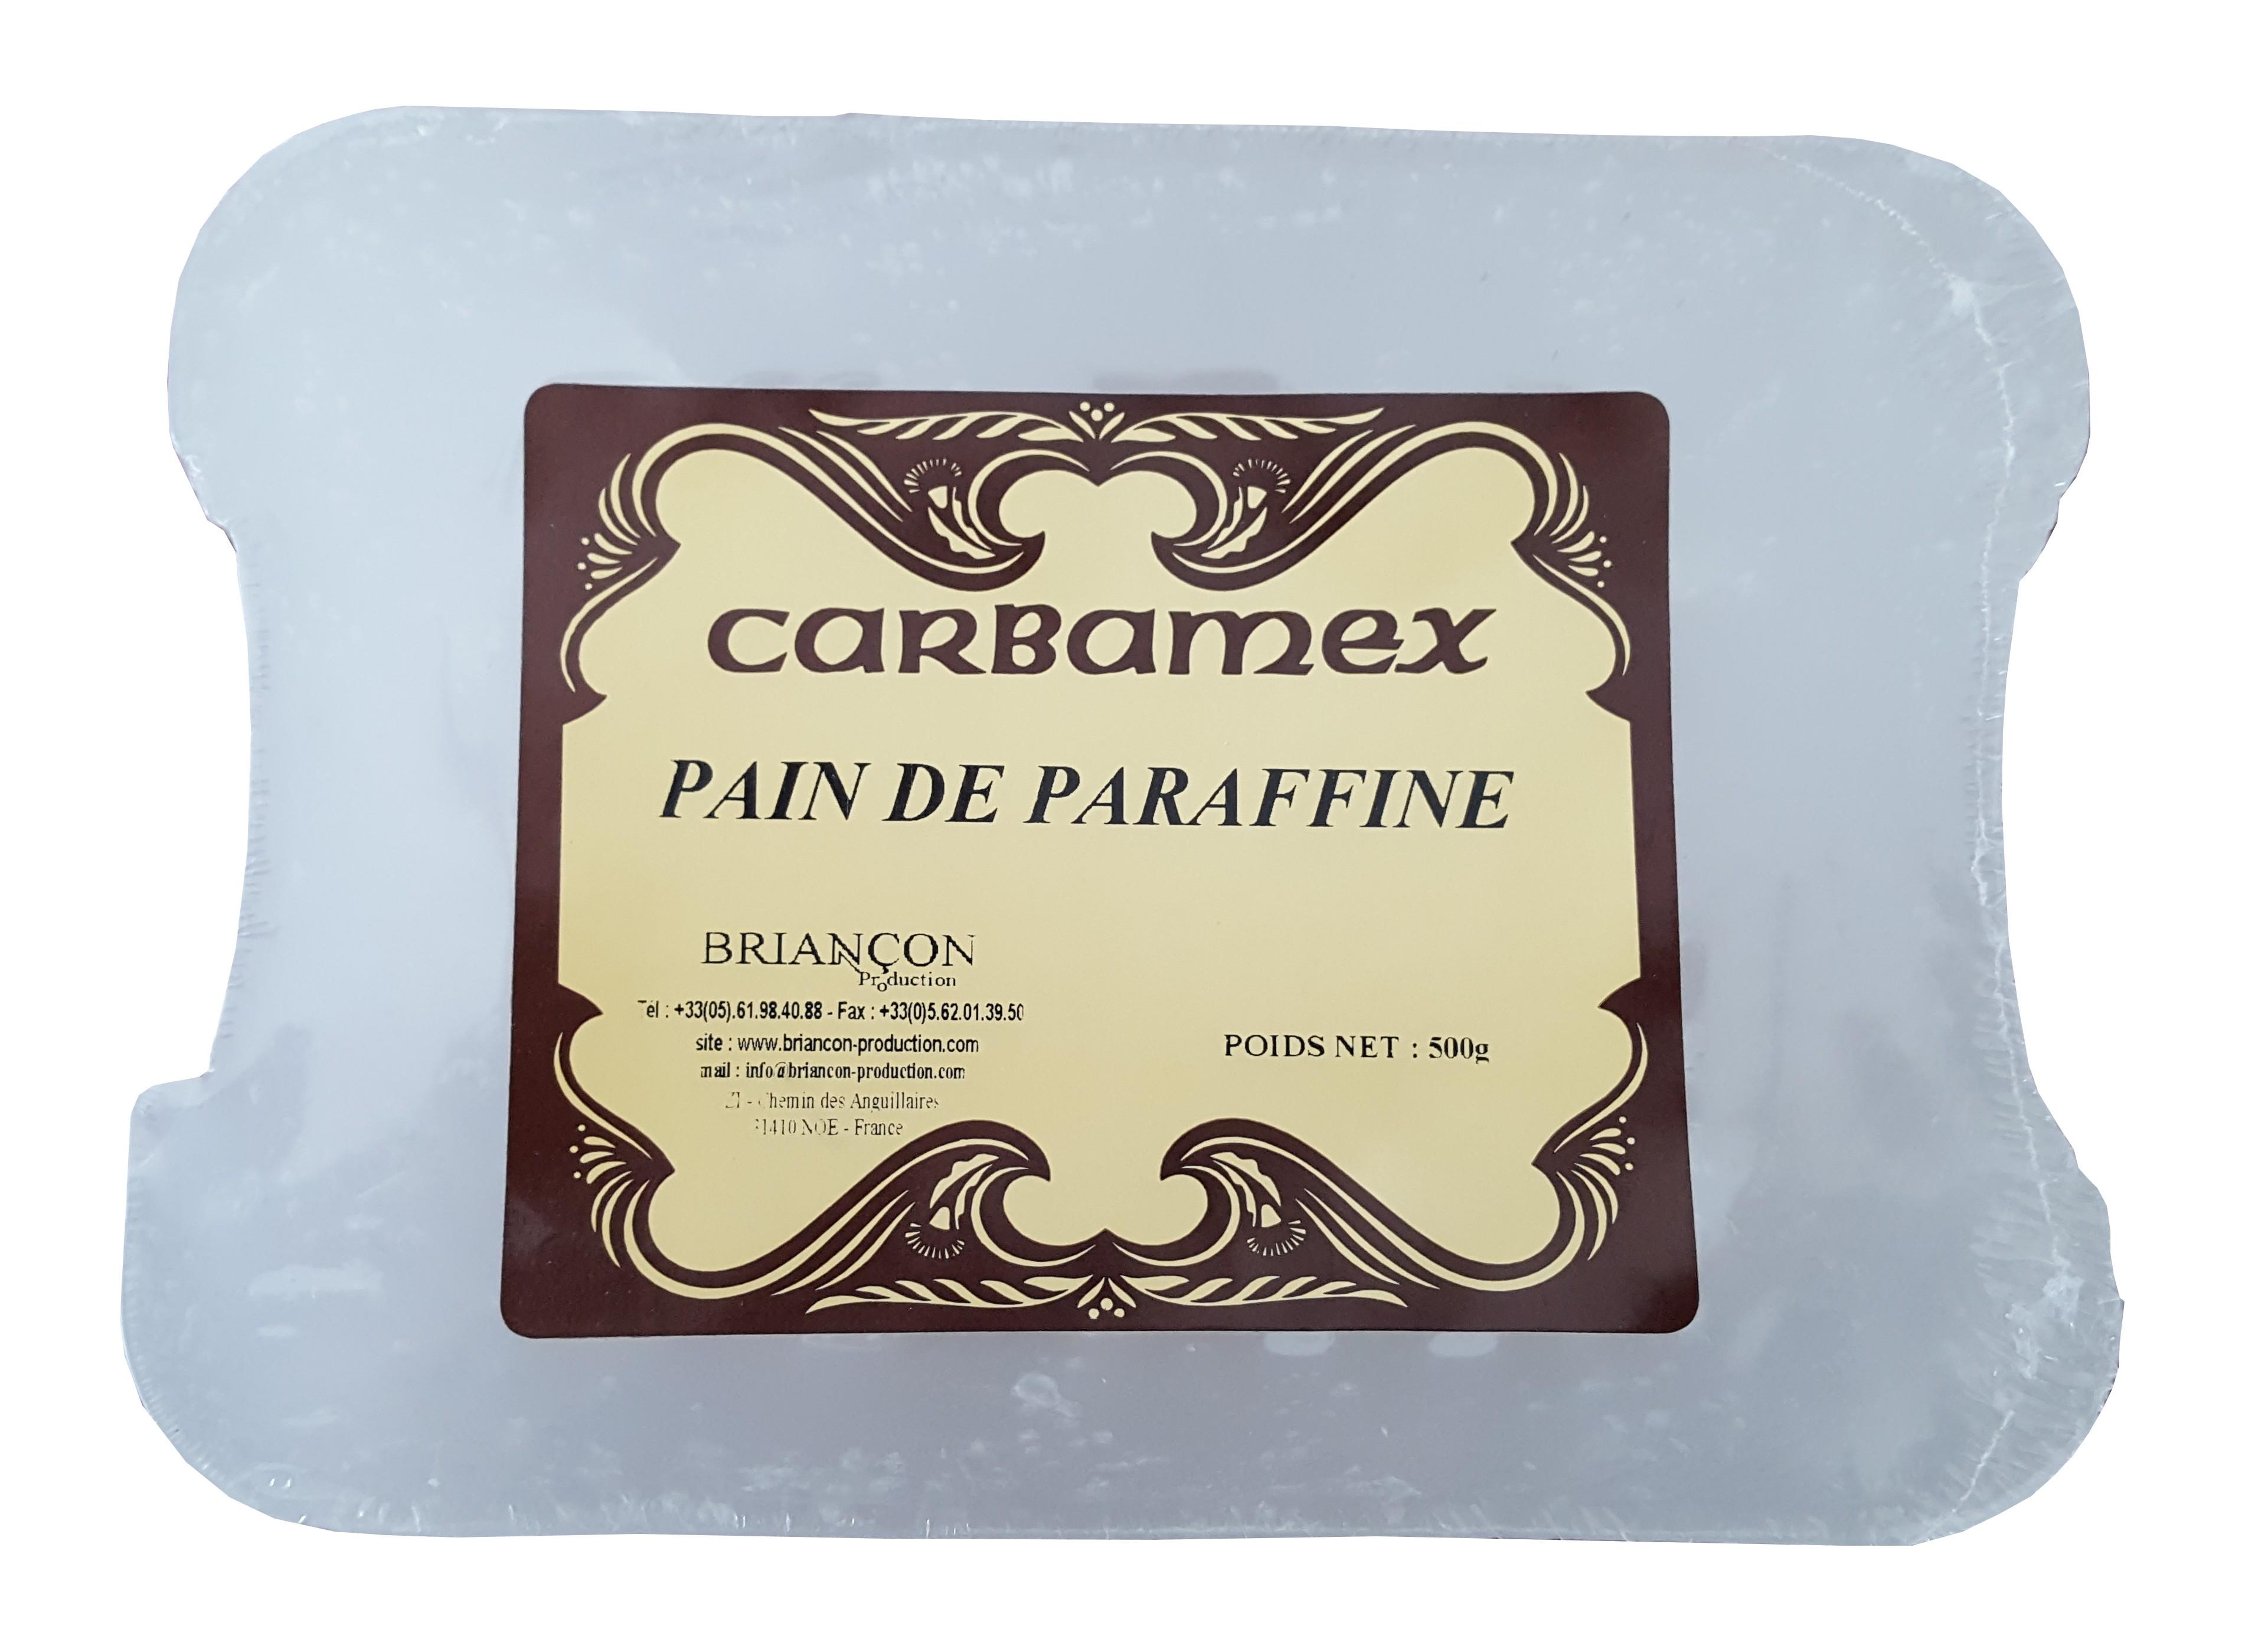 Pain de paraffine Carbamex - Divers